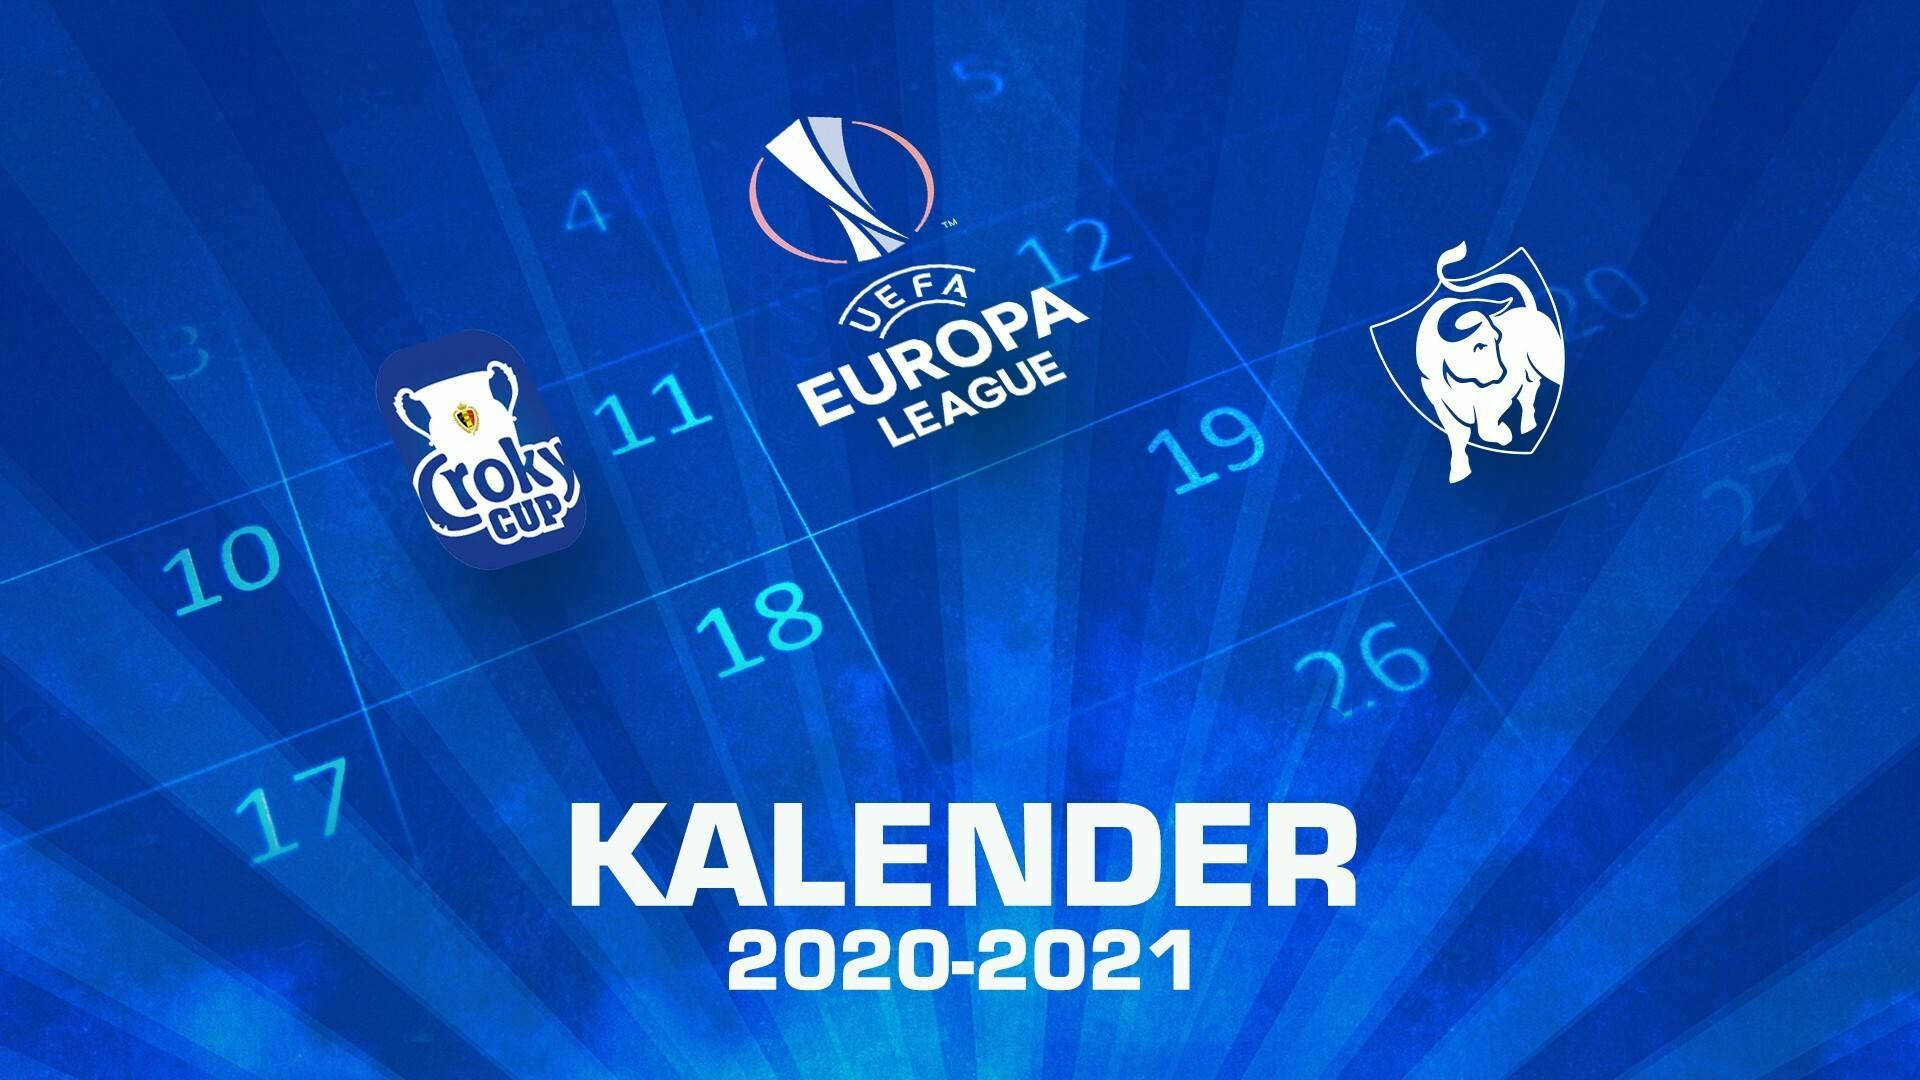 Kalenderwijziging Croky Cup en Jupiler Pro League